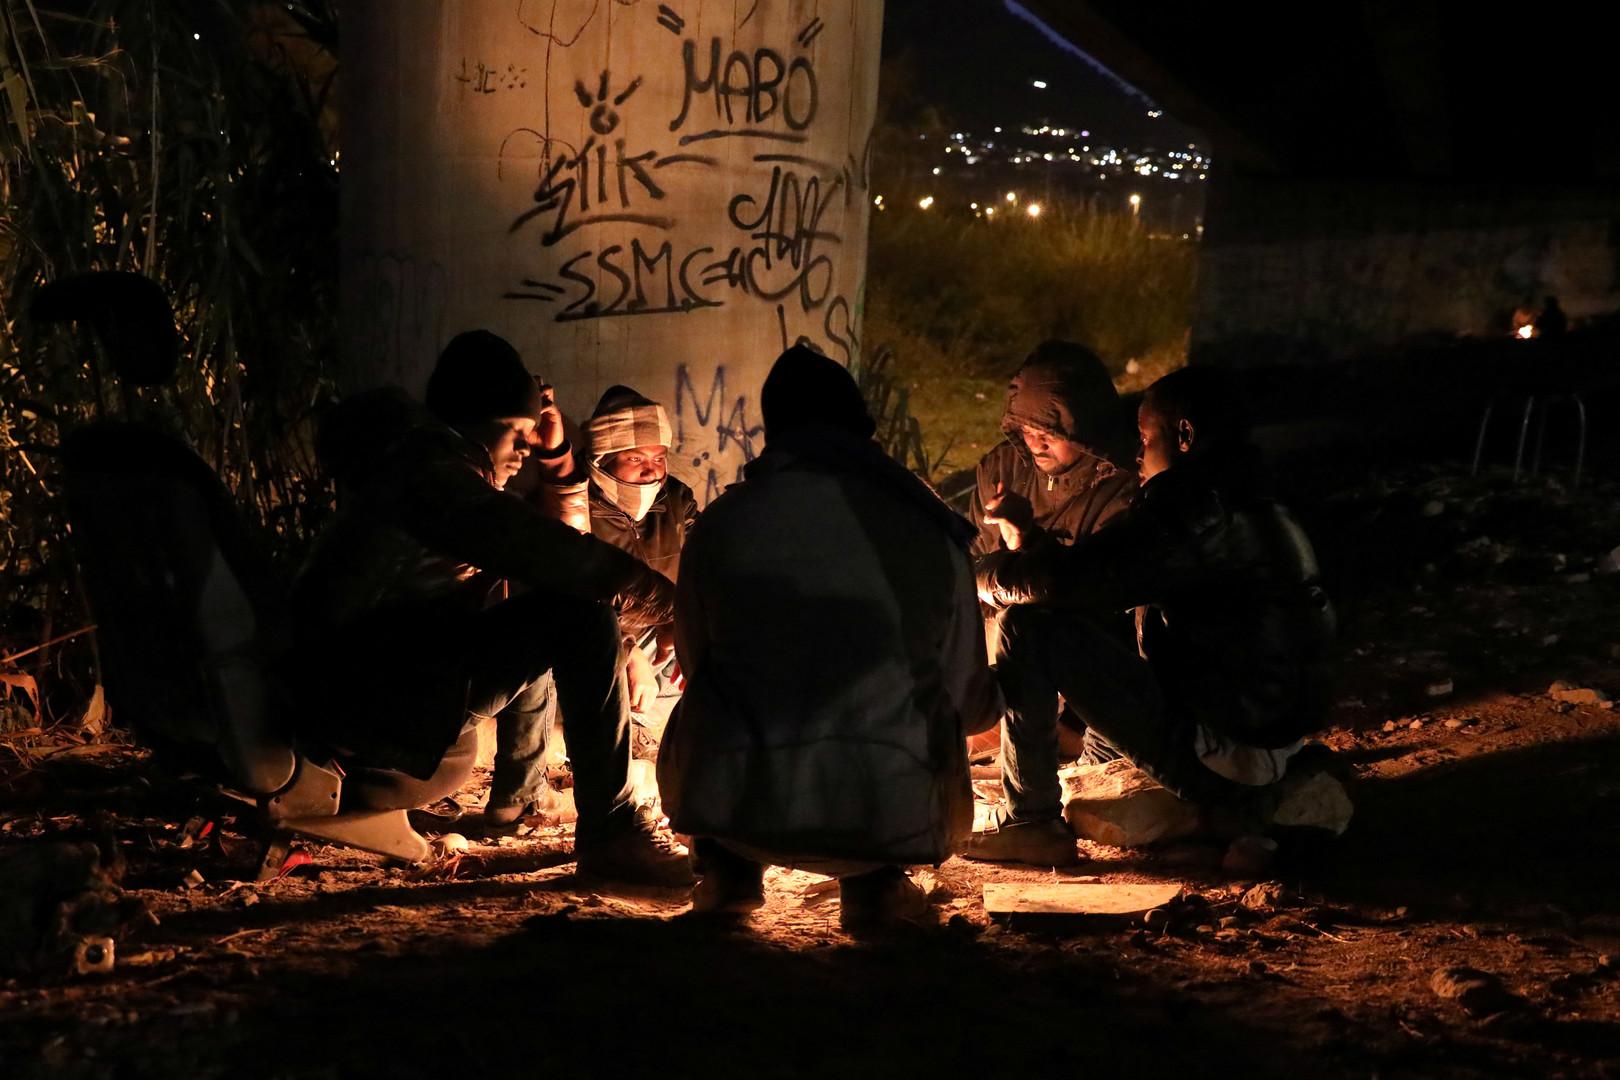 Eine Flüchtlingsgruppe, von denen die meisten aus dem Sudan stammen, wärmen sich an einem Feuer, bevor sie sich auf den Weg nach Frankreich machen, Ventimiglia, Italien, 3. Dezember 2017.